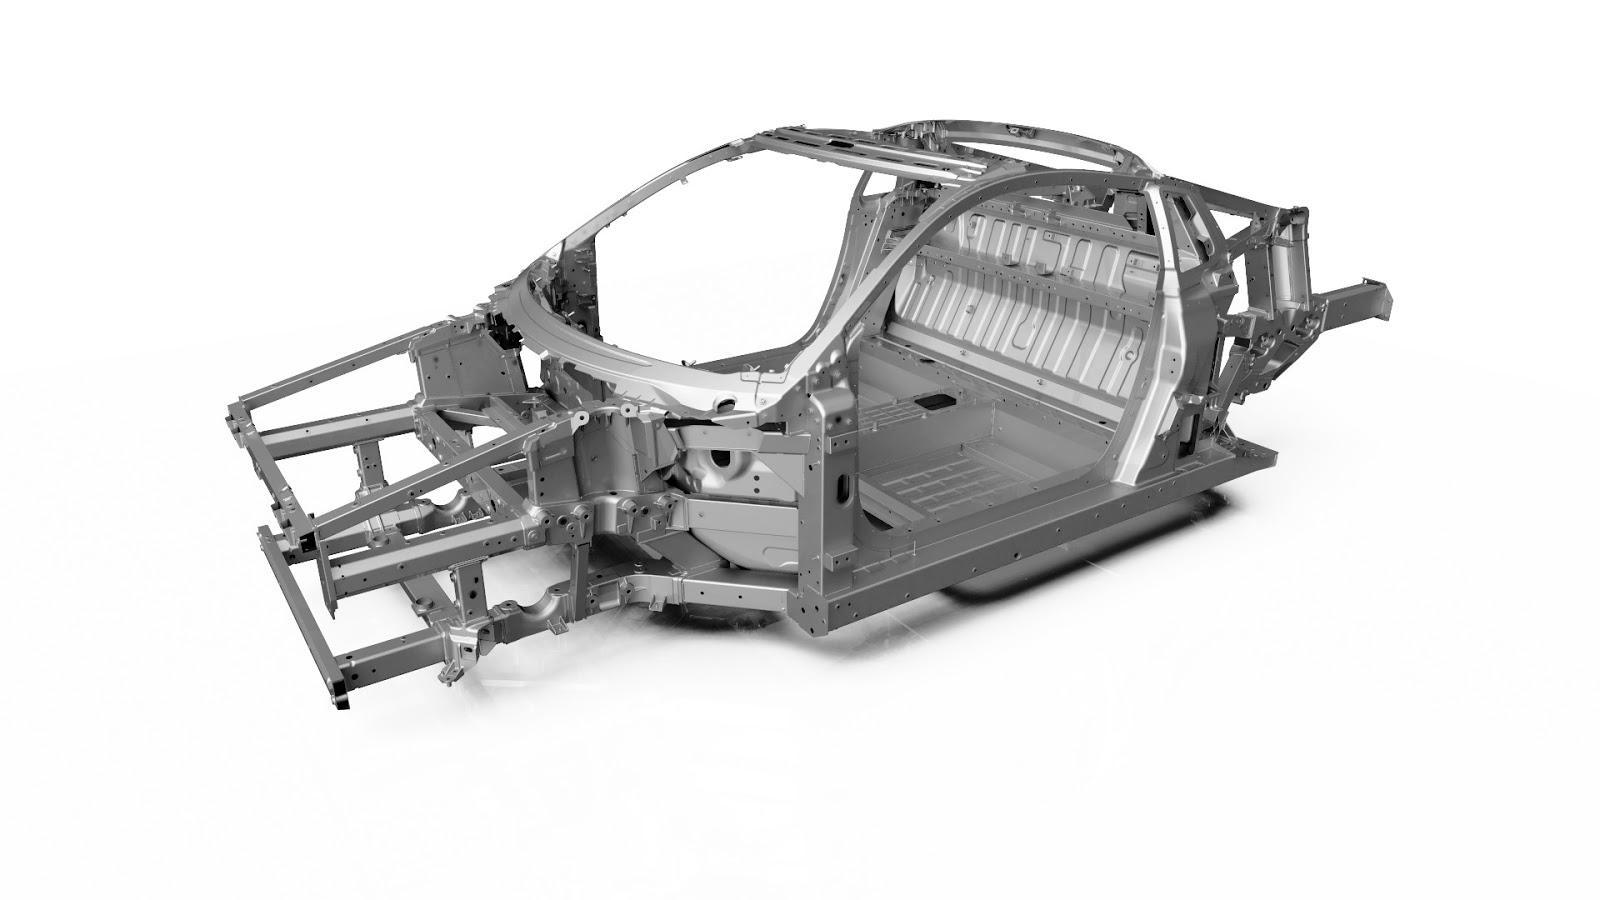 54638 2015 Honda NSX SAE Honda NSX: Ακτινογραφώντας το τέρας car, cars, Honda, Honda NSX, NSX, zblog, ιπποδύναμη, μεταχειρισμένο, πισωκίνητο, τετρακίνητο, υβριδικό, Χοντα, ψαρ